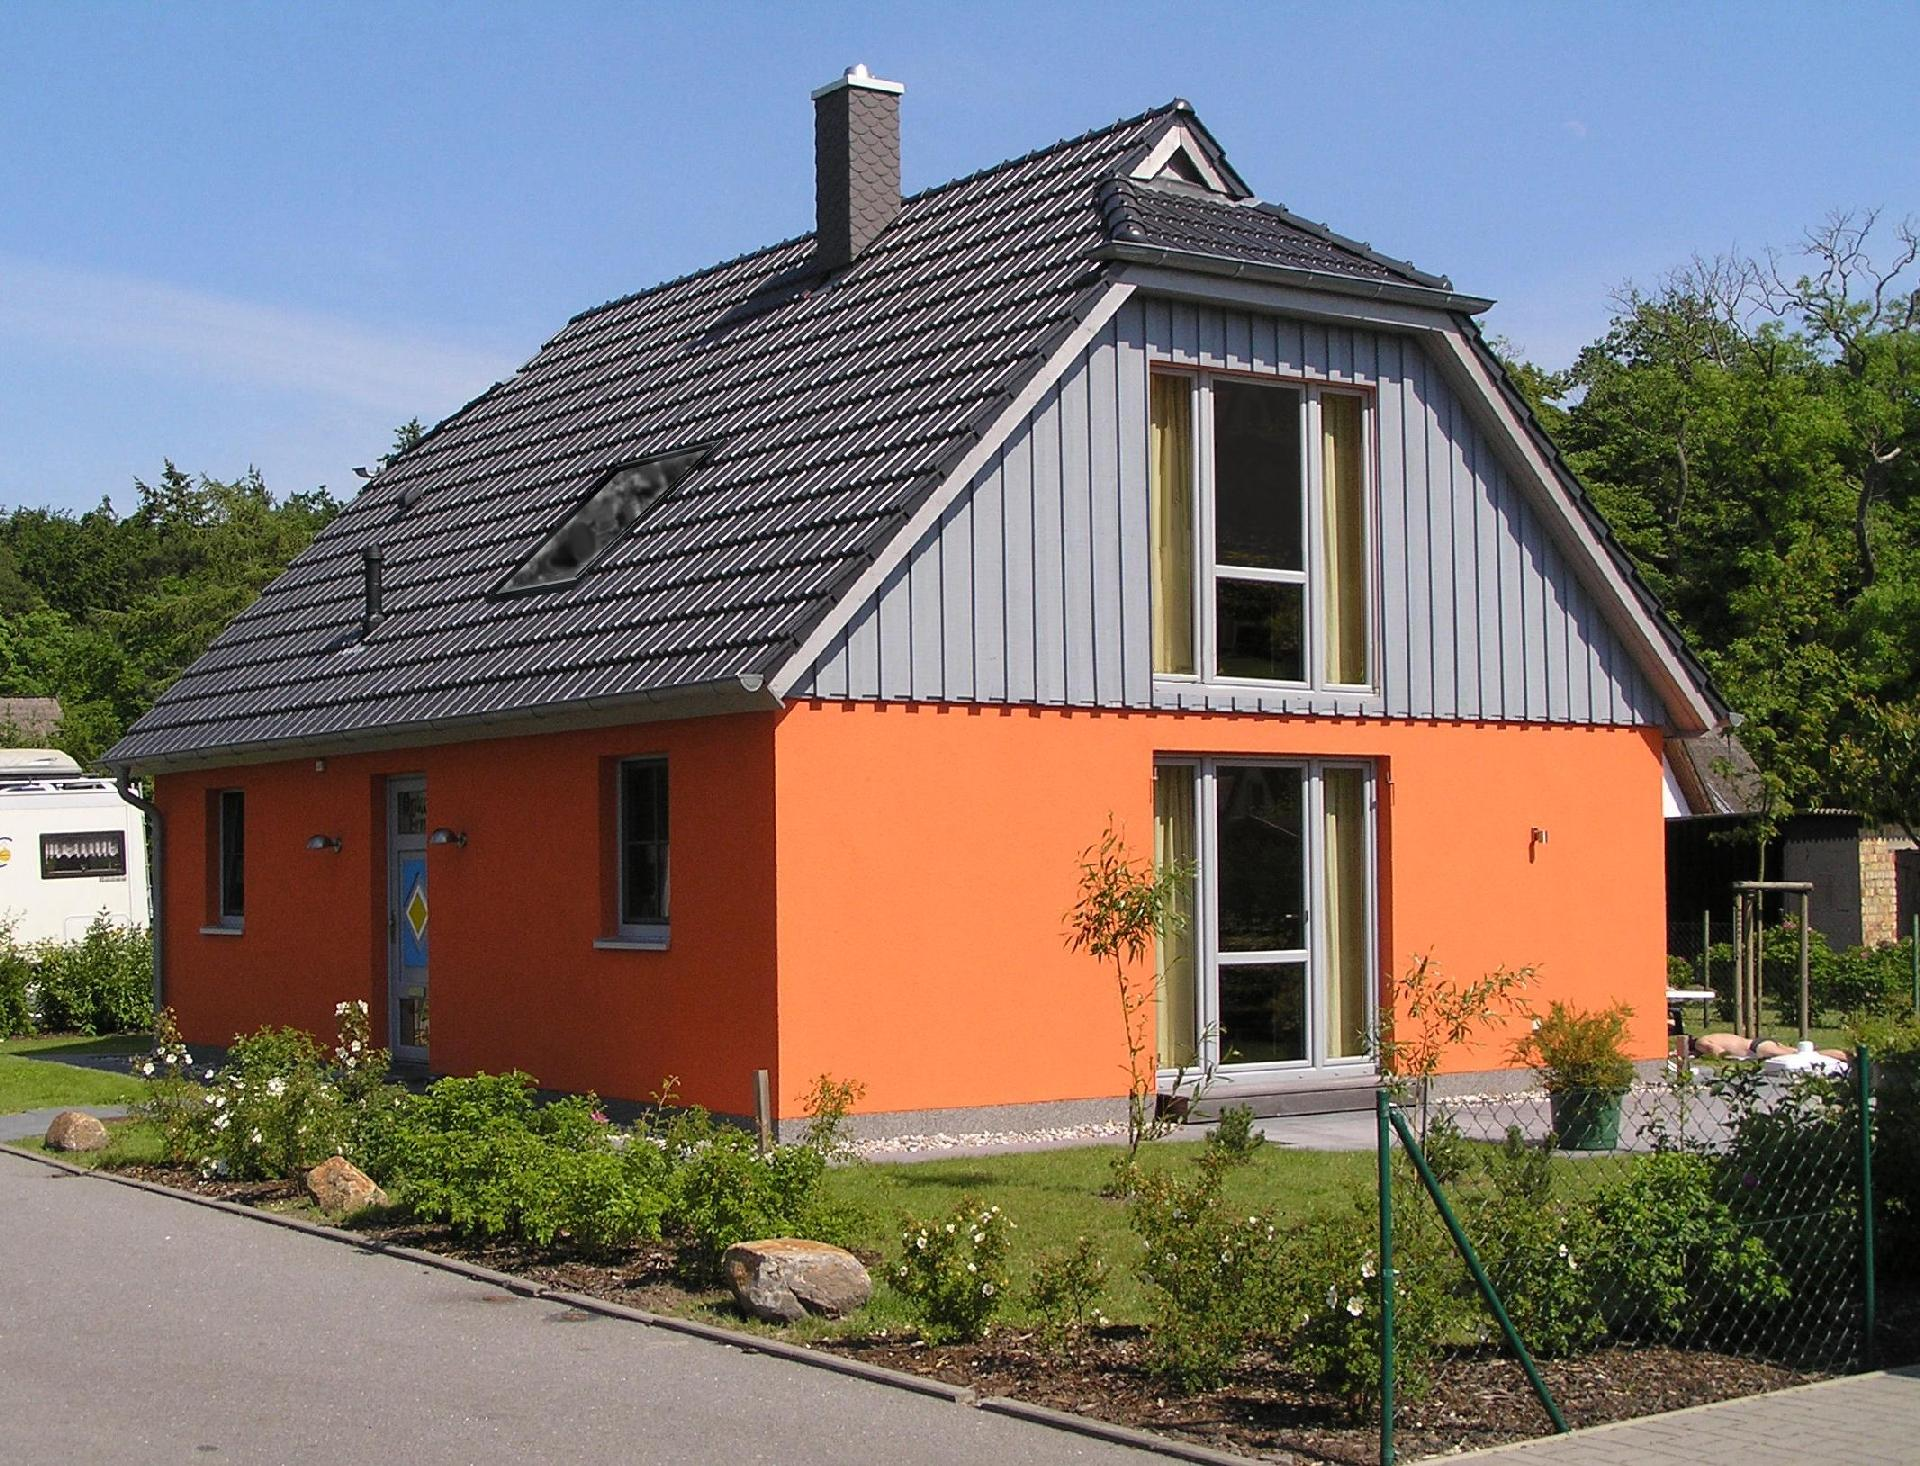 Ferienhaus für 4 Personen ca. 70 m² in B